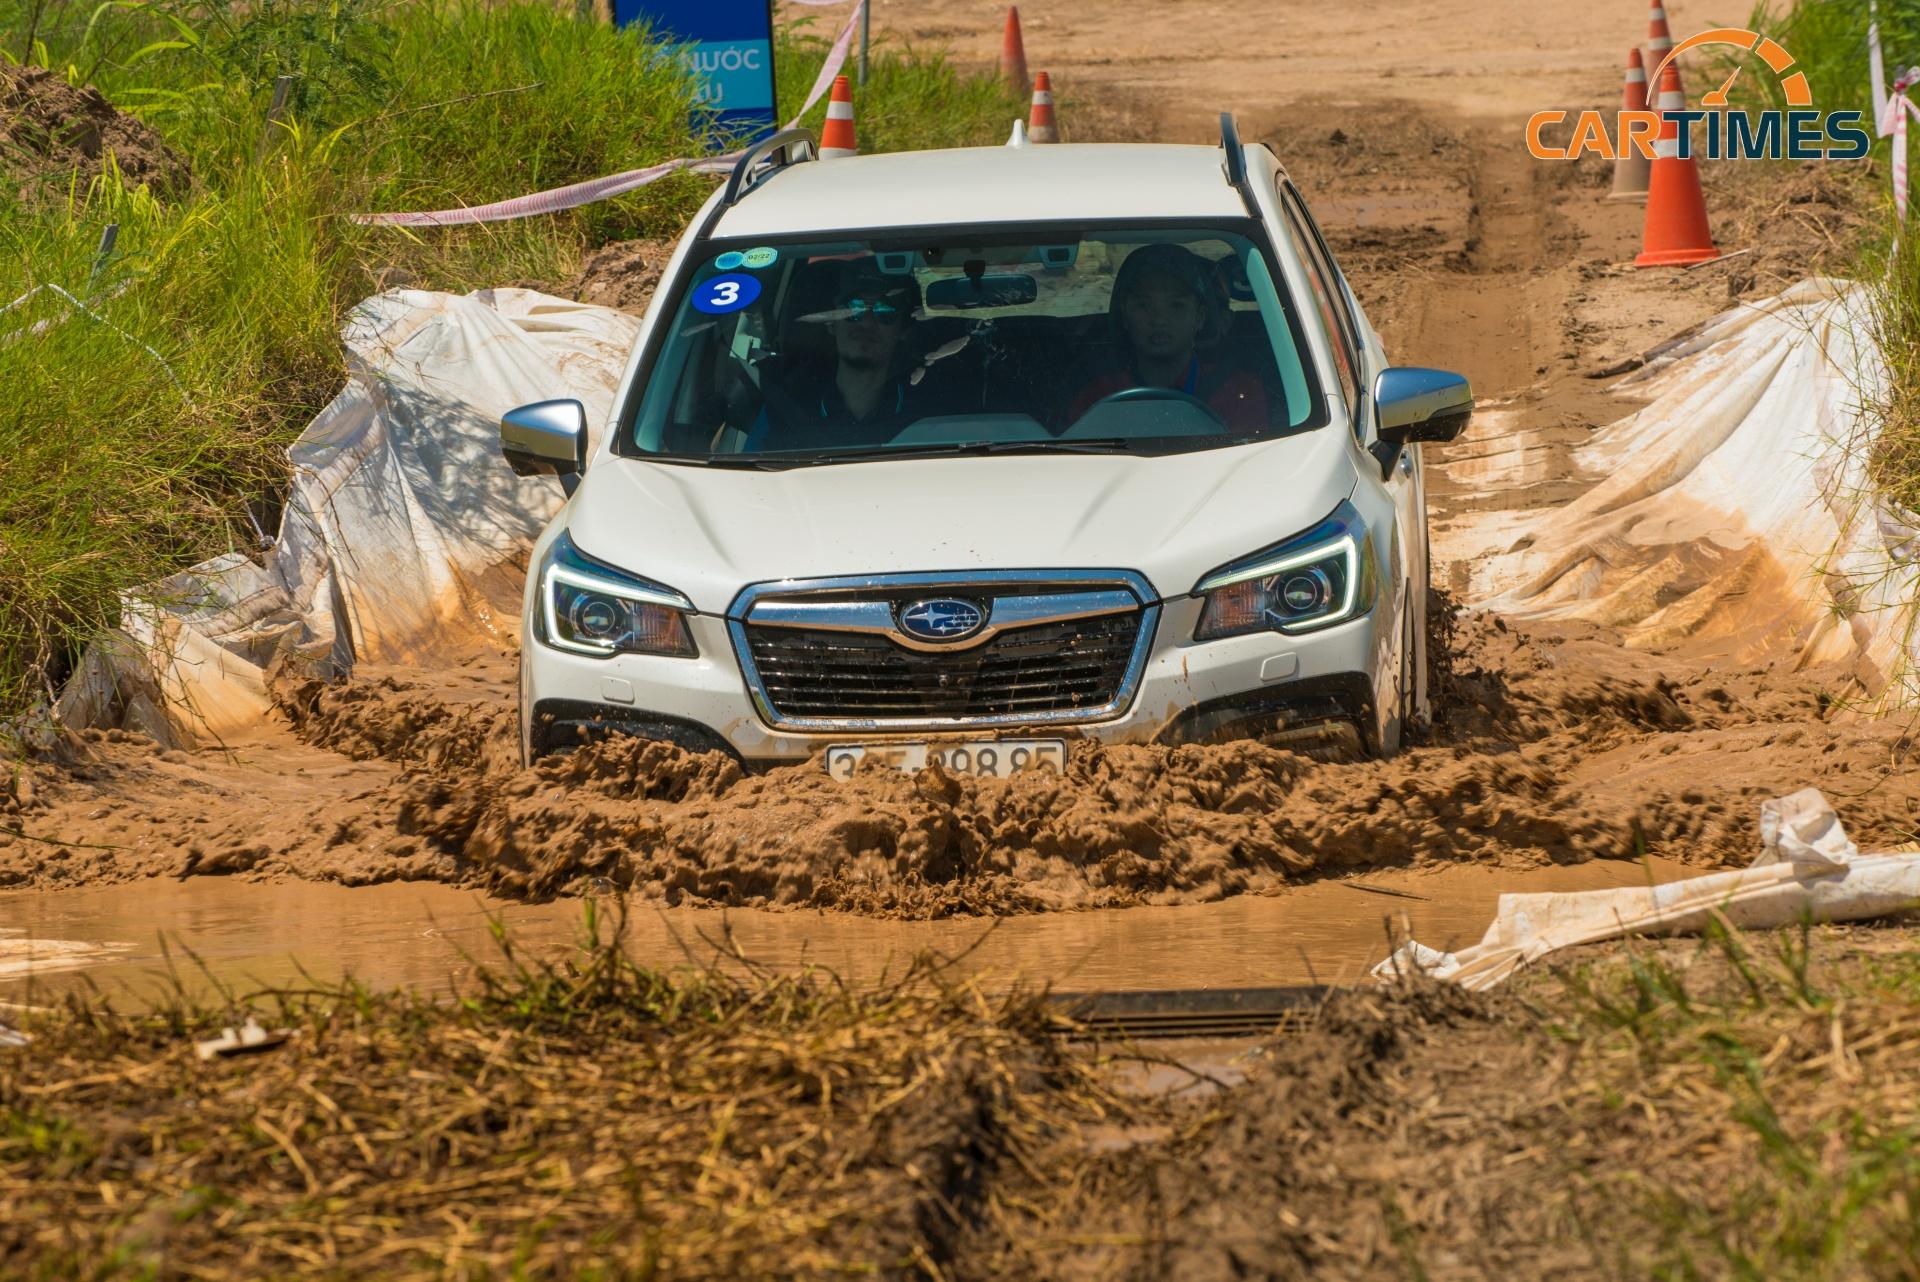 Subaru giảm giá bán xe Forester và bổ sung khuyến mãi trong tháng 10/2020 -1